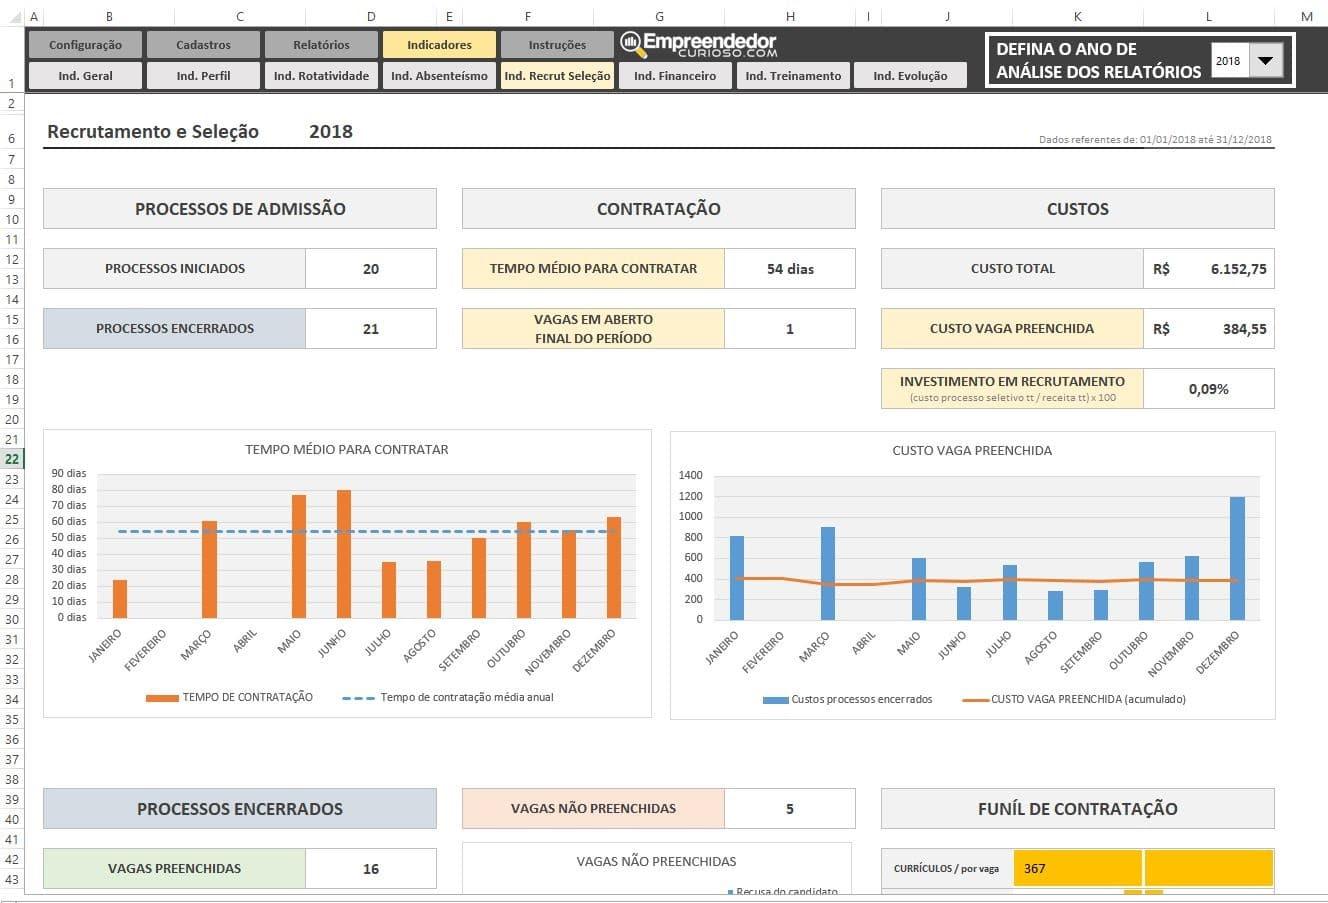 Indicadores de Recrutamento e Seleção - Relatório de processo seletivo - Indicadores de RH em Excel.